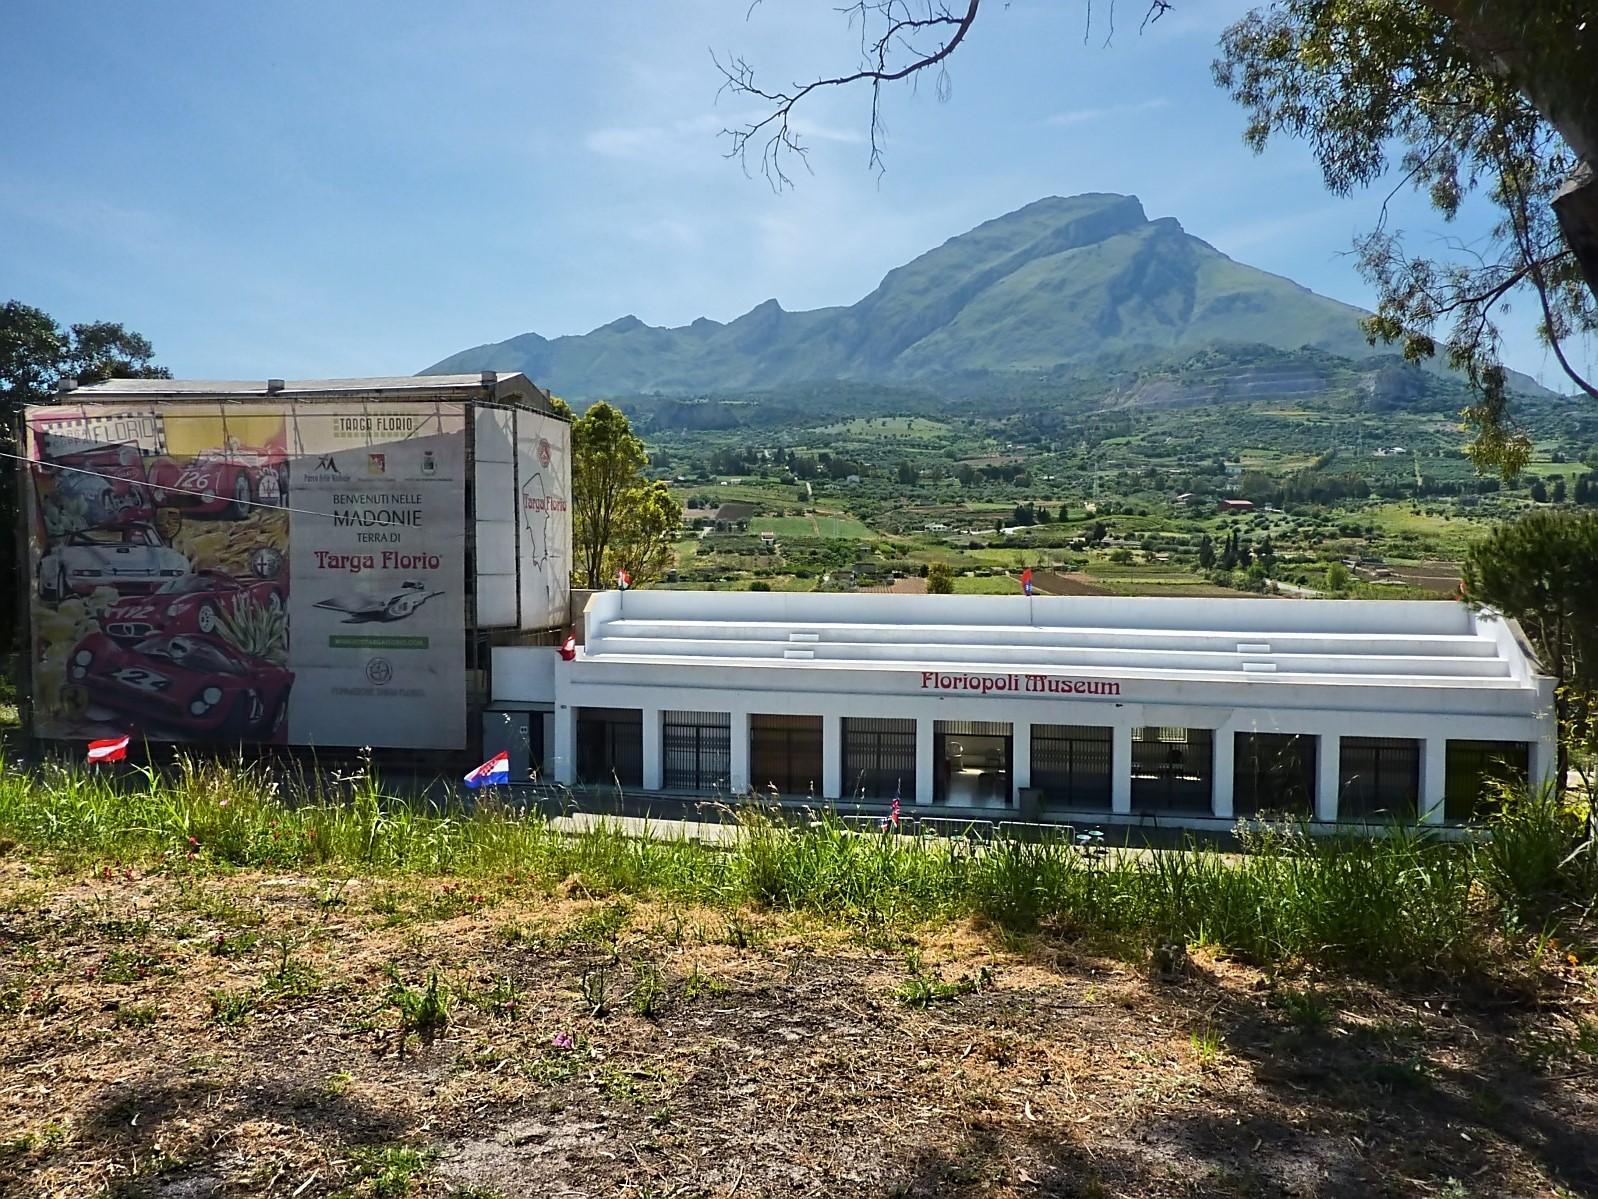 Floriopoli Natural Museum (17).jpg